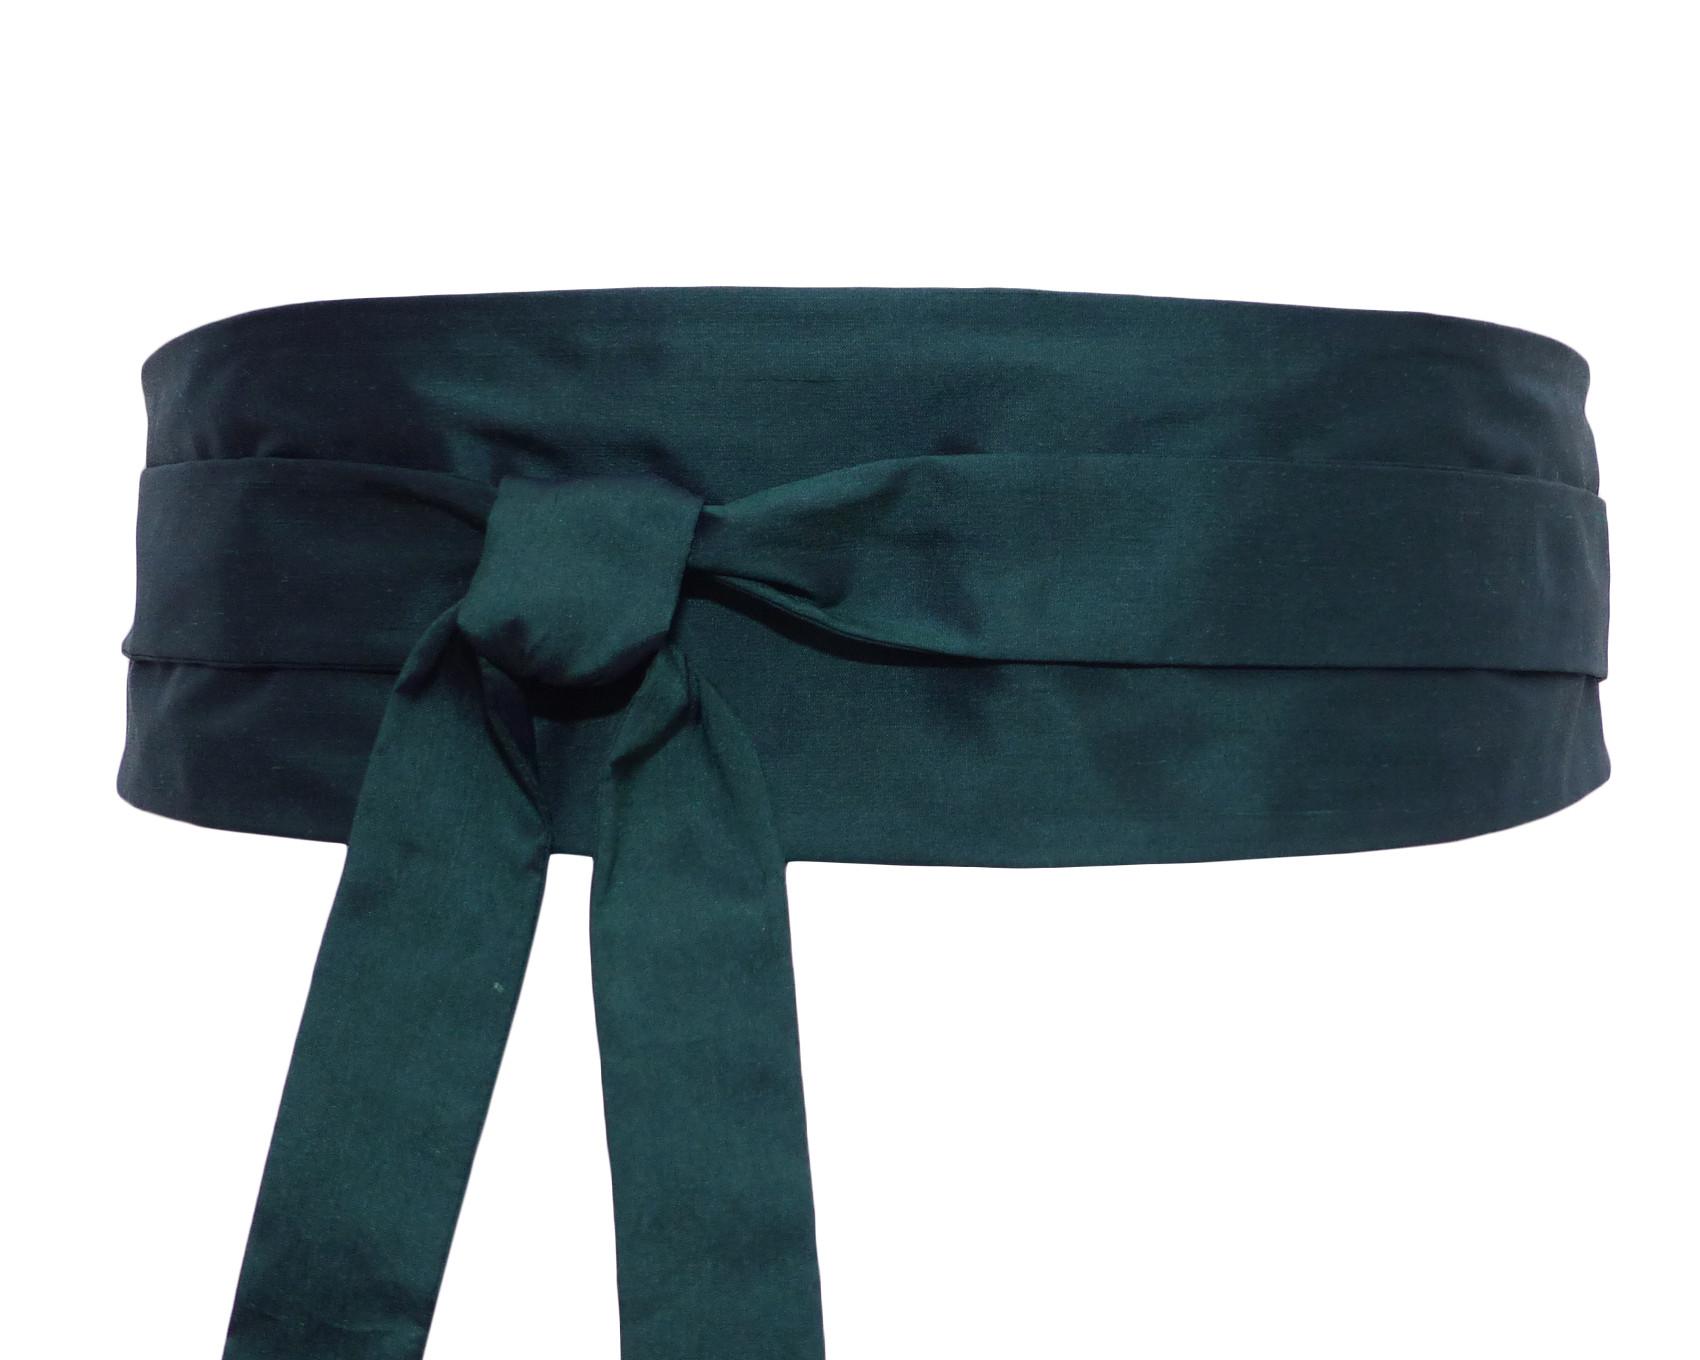 Couleur Vert Emeraude Foncé ceinture à nouer / obi, soie vert emeraude